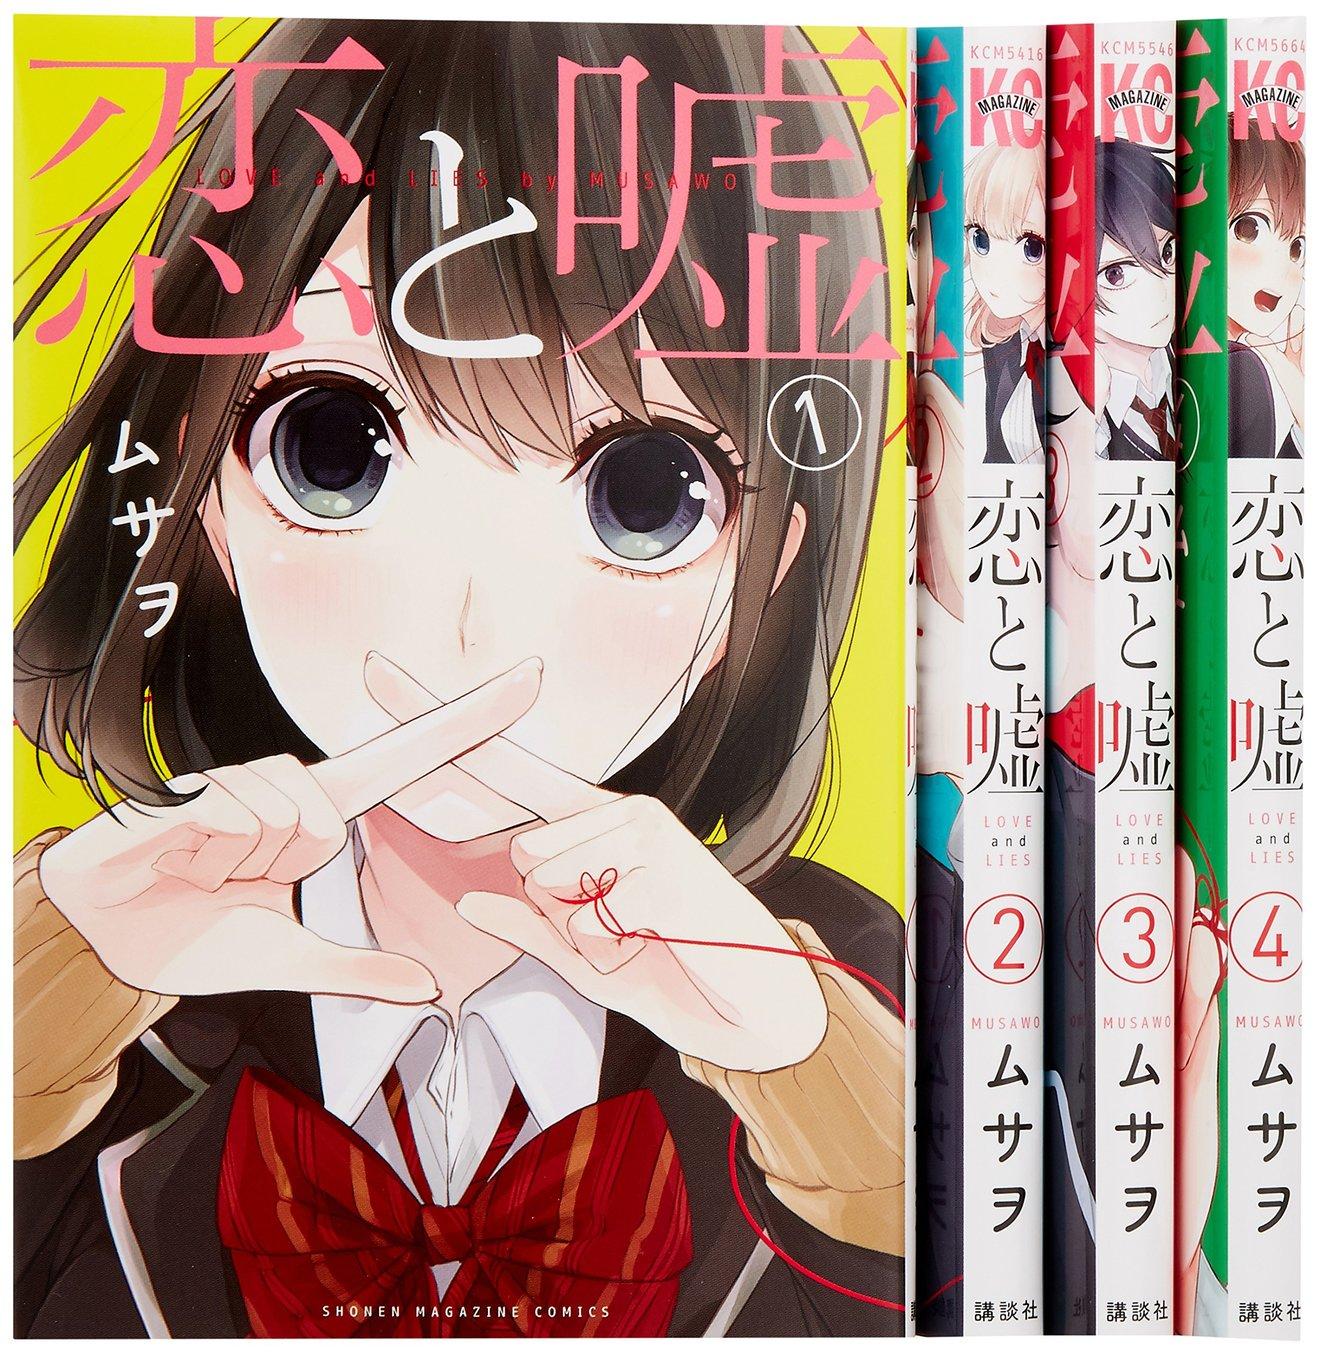 漫画『恋と嘘』のキャラと全巻の見所をネタバレ考察!